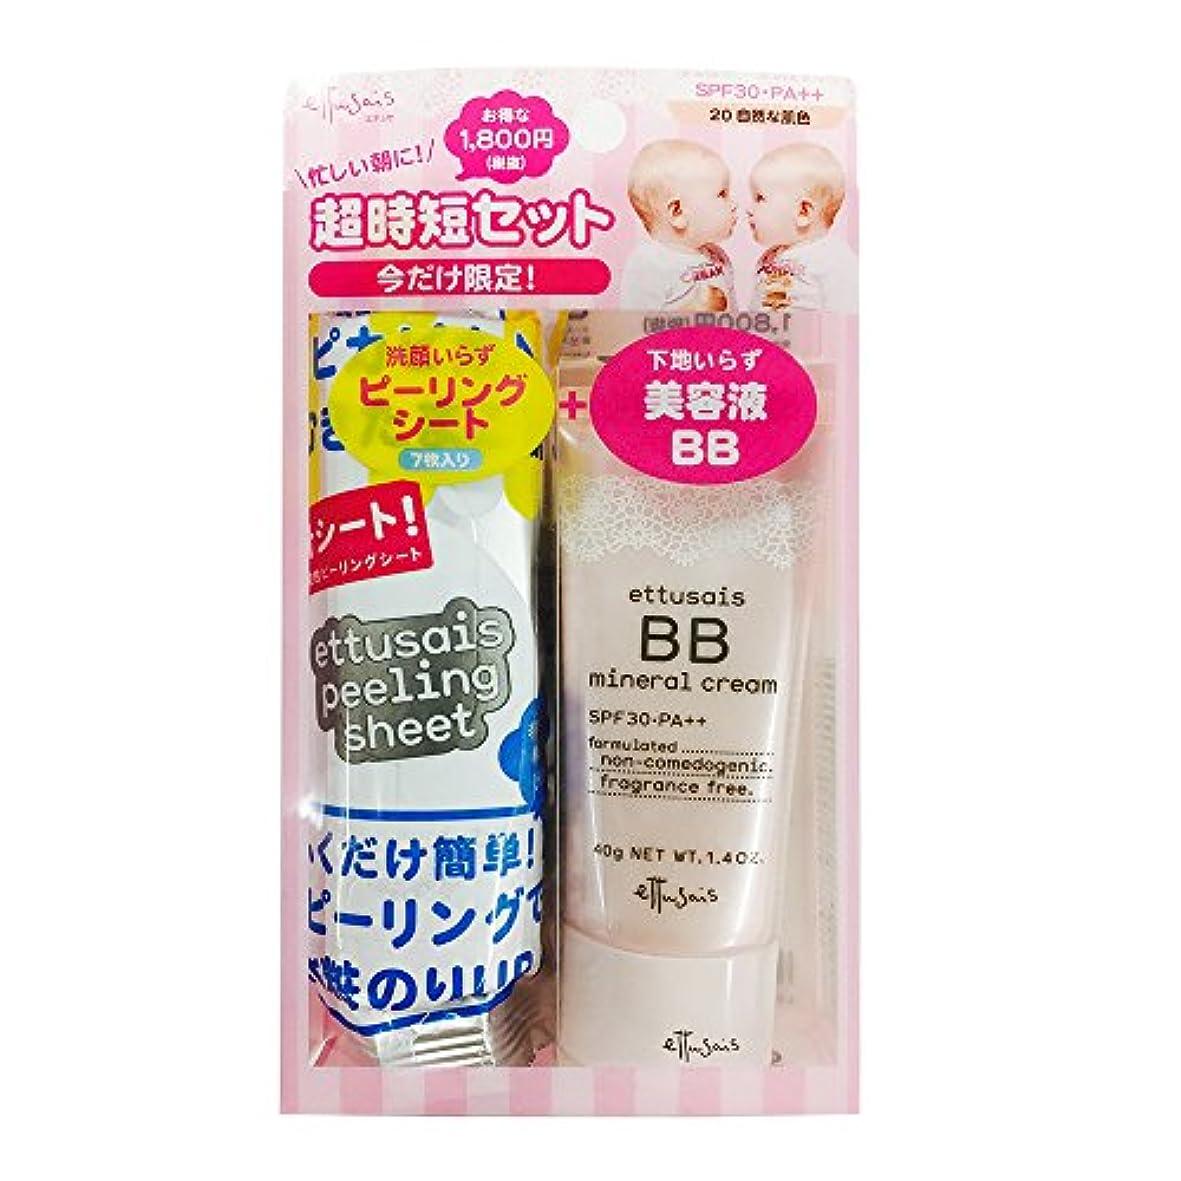 拘束するこっそり邪悪なエテュセ BBミネラルクリーム スペシャルケアセット 20 自然な肌色 (BBミネラルクリーム 40g +ピーリングシート 7枚)